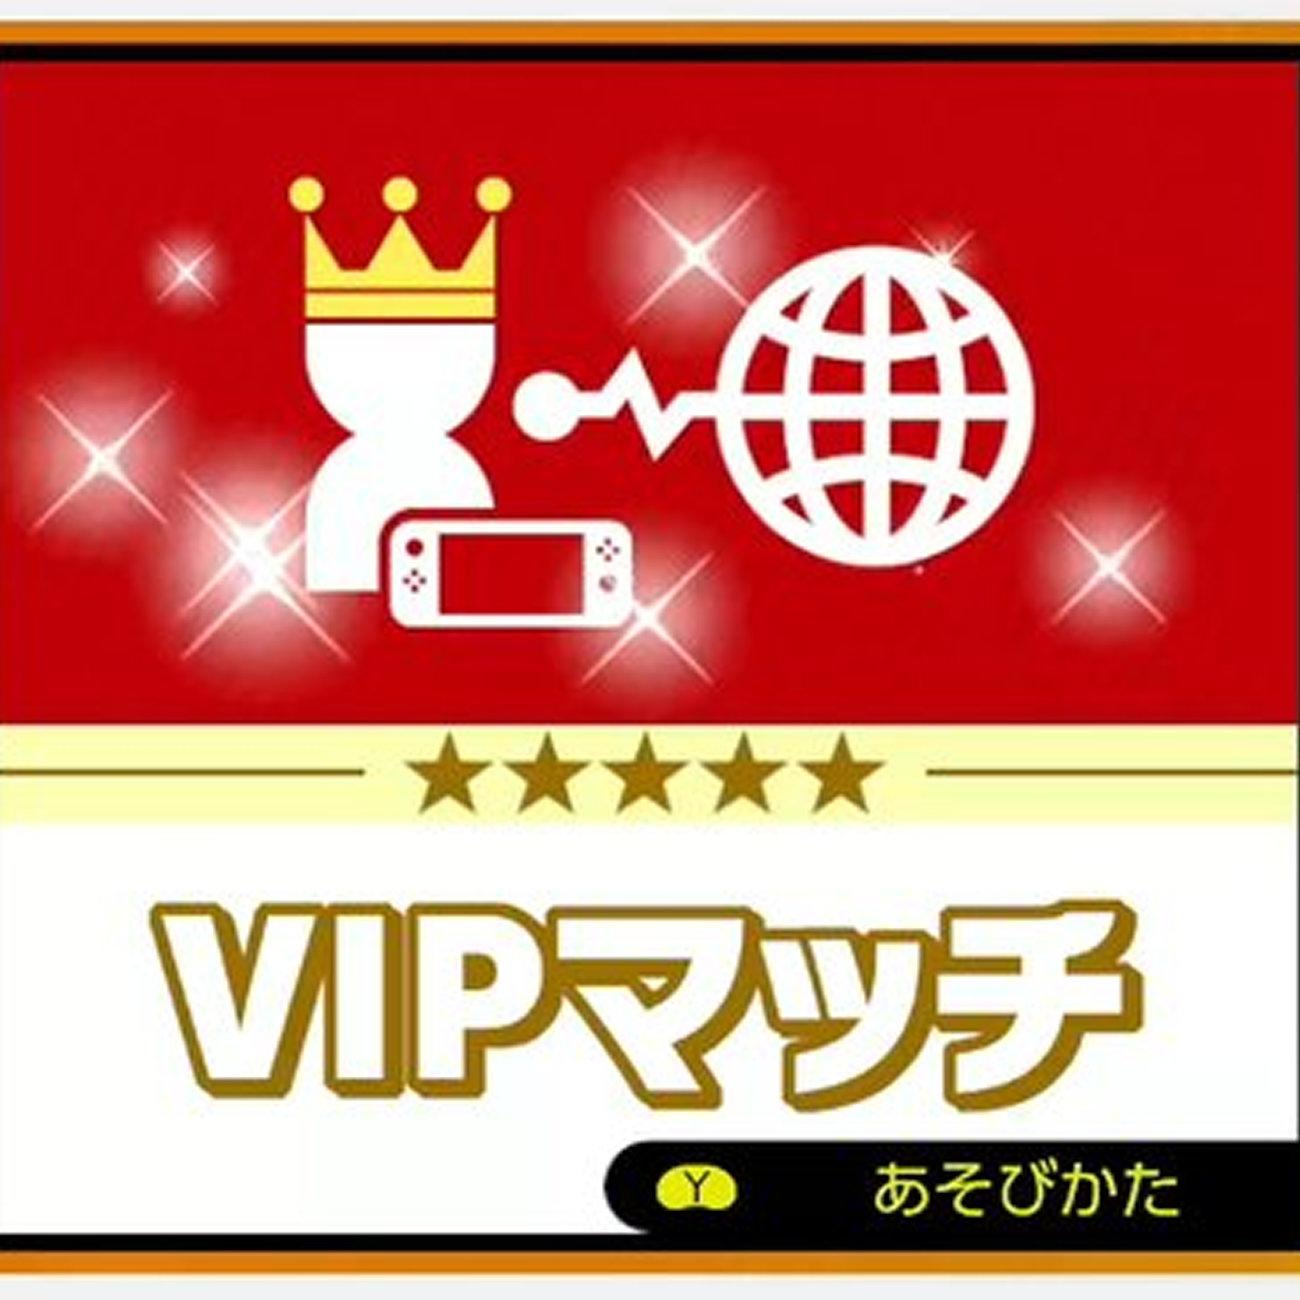 スマブラ スペシャル、VIPマッチ条件 今後見直す